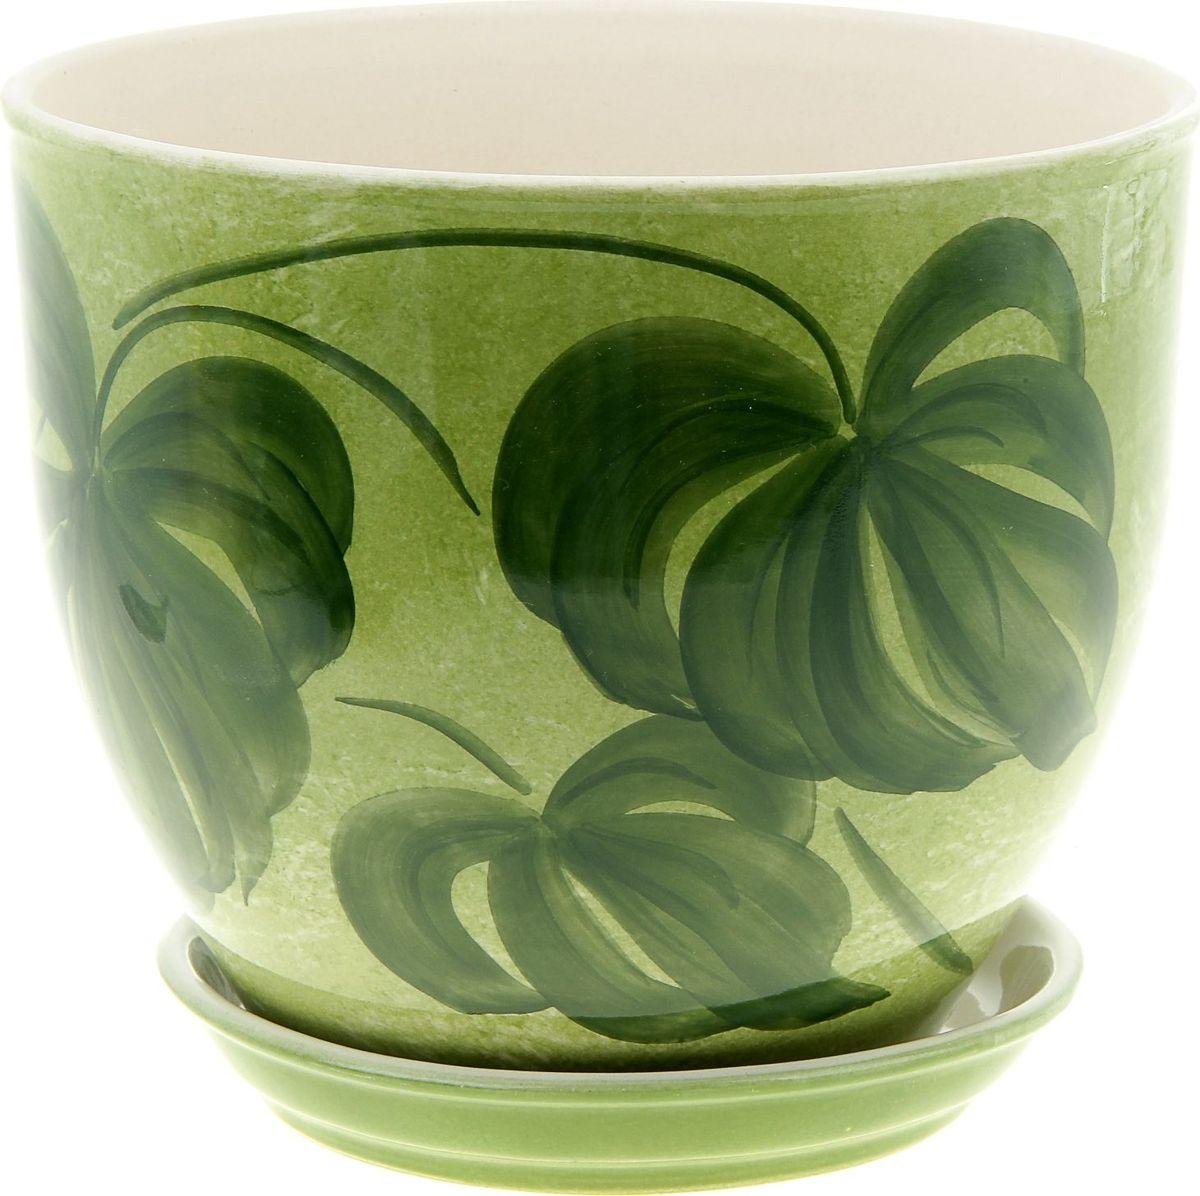 Кашпо Керамика ручной работы Виктор. Монстера, 4 л835560Комнатные растения — всеобщие любимцы. Они радуют глаз, насыщают помещение кислородом и украшают пространство. Каждому из них необходим свой удобный и красивый дом. Кашпо из керамики прекрасно подходят для высадки растений: за счёт пластичности глины и разных способов обработки существует великое множество форм и дизайновпористый материал позволяет испаряться лишней влагевоздух, необходимый для дыхания корней, проникает сквозь керамические стенки! #name# позаботится о зелёном питомце, освежит интерьер и подчеркнёт его стиль.